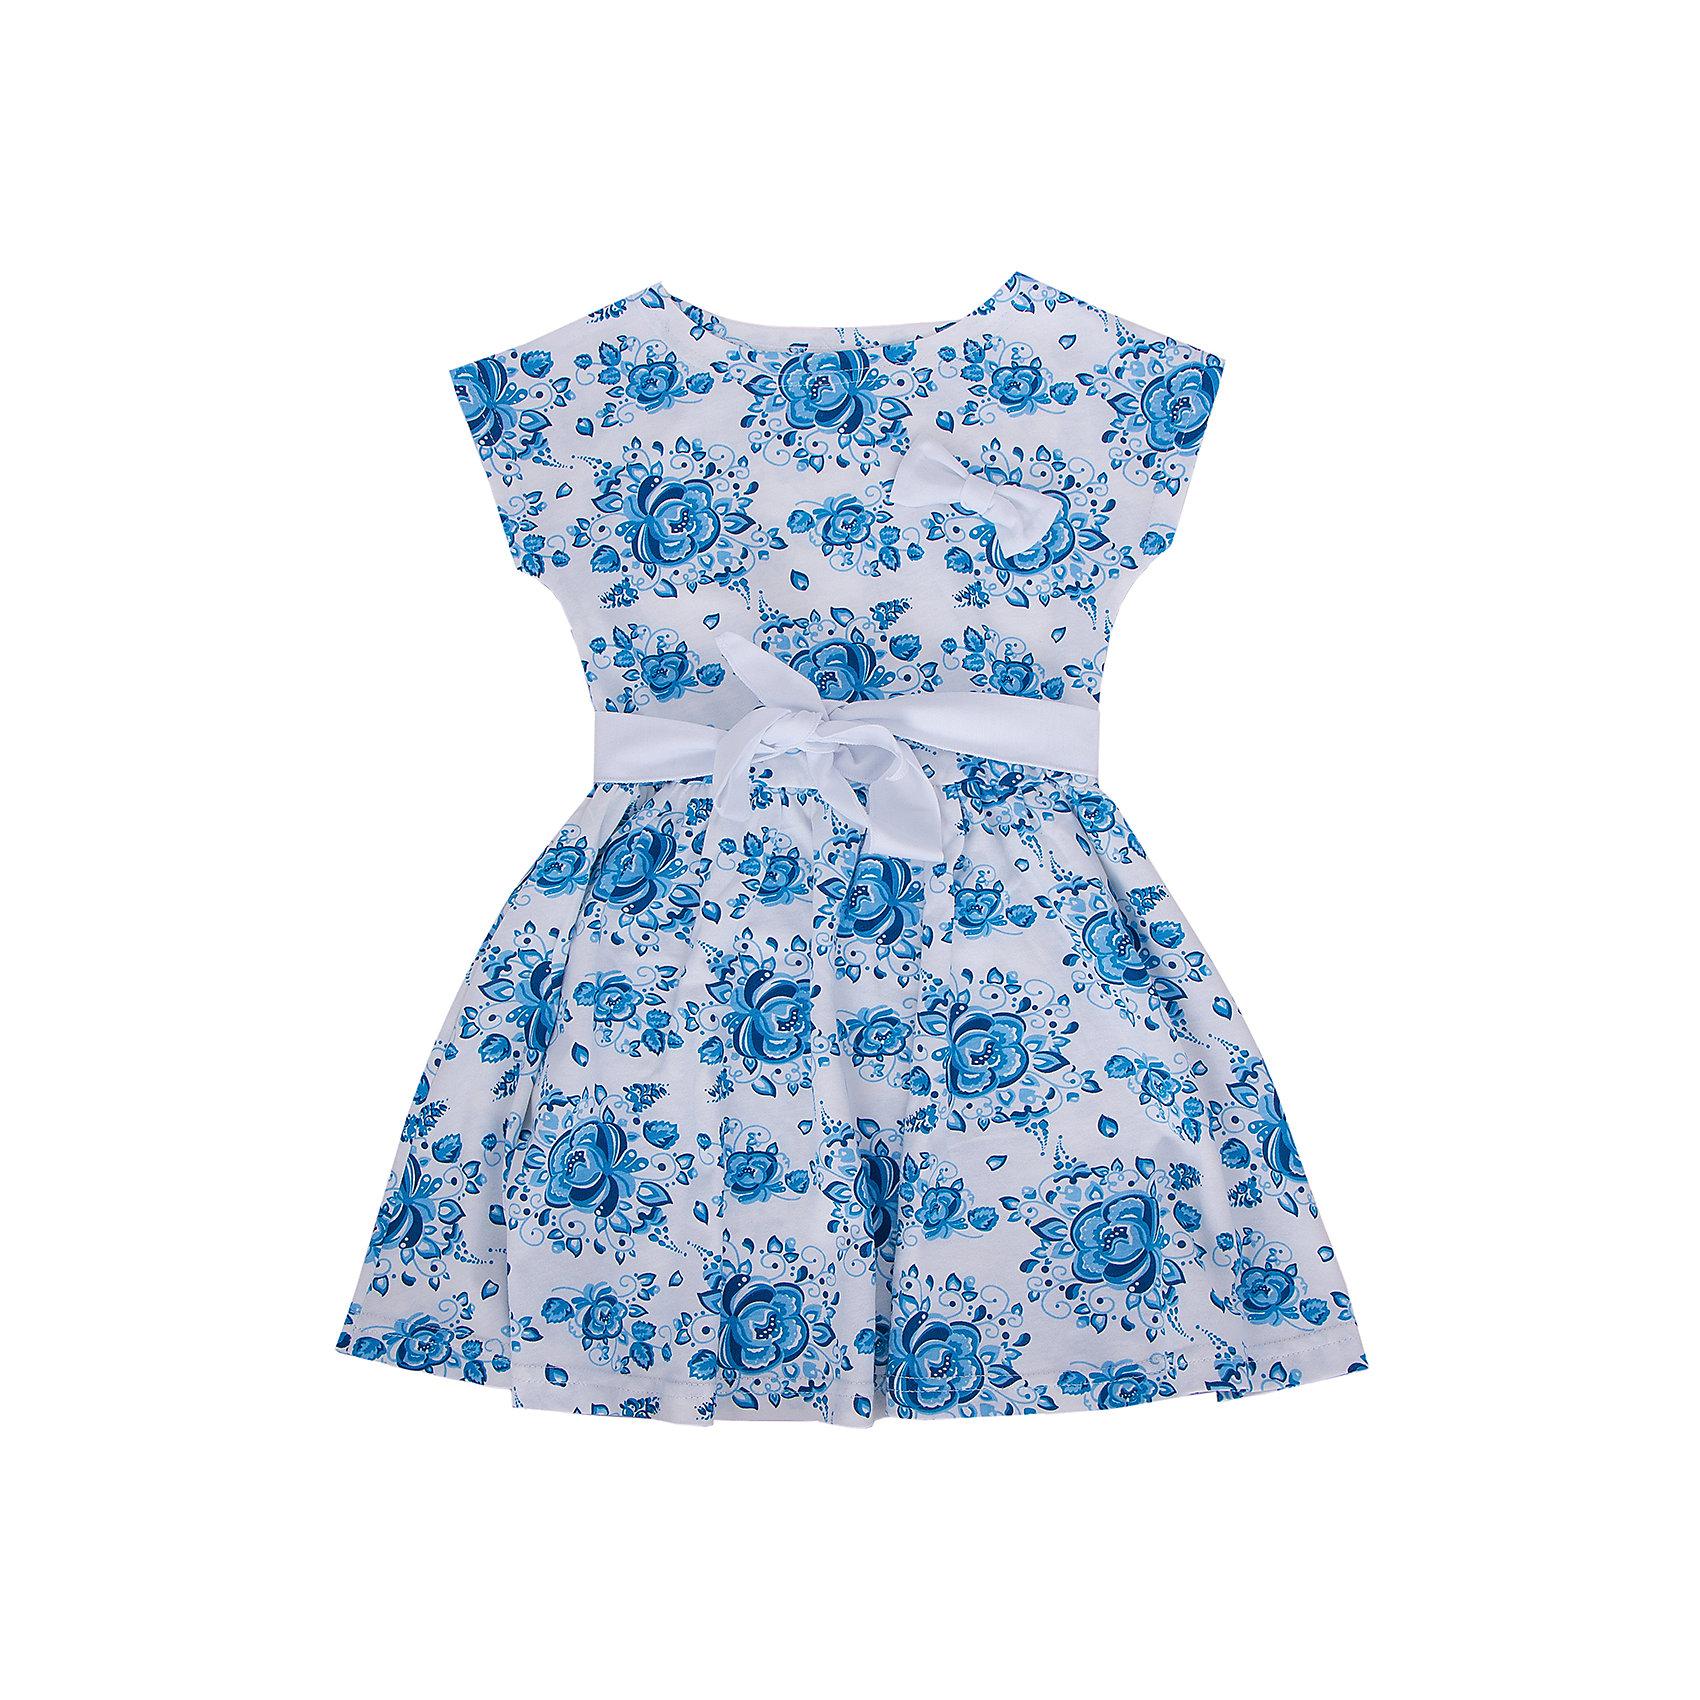 Платье АпрельПлатья и сарафаны<br>Очаровательное платьишко из мягкого хлопка. Приятное на ощупь, не сковывает движения, обеспечивая наибольший комфорт. Изделие без рукавов, для придания элегантного силуэта по линии талии вставлена резинка, декорировано дизайнерской набивкой. Контрастный пояс и съемная брошь-бантик прекрасно завершат образ. Отличный вариант для маленькой модницы как на праздник, так и на каждый день! Рекомендуется деликатная машинная стирка без предварительного замачивания. Состав: 100% хлопок<br><br>Ширина мм: 236<br>Глубина мм: 16<br>Высота мм: 184<br>Вес г: 177<br>Цвет: синий<br>Возраст от месяцев: 108<br>Возраст до месяцев: 120<br>Пол: Женский<br>Возраст: Детский<br>Размер: 140,116,104,110,128,98,134,122<br>SKU: 4630609